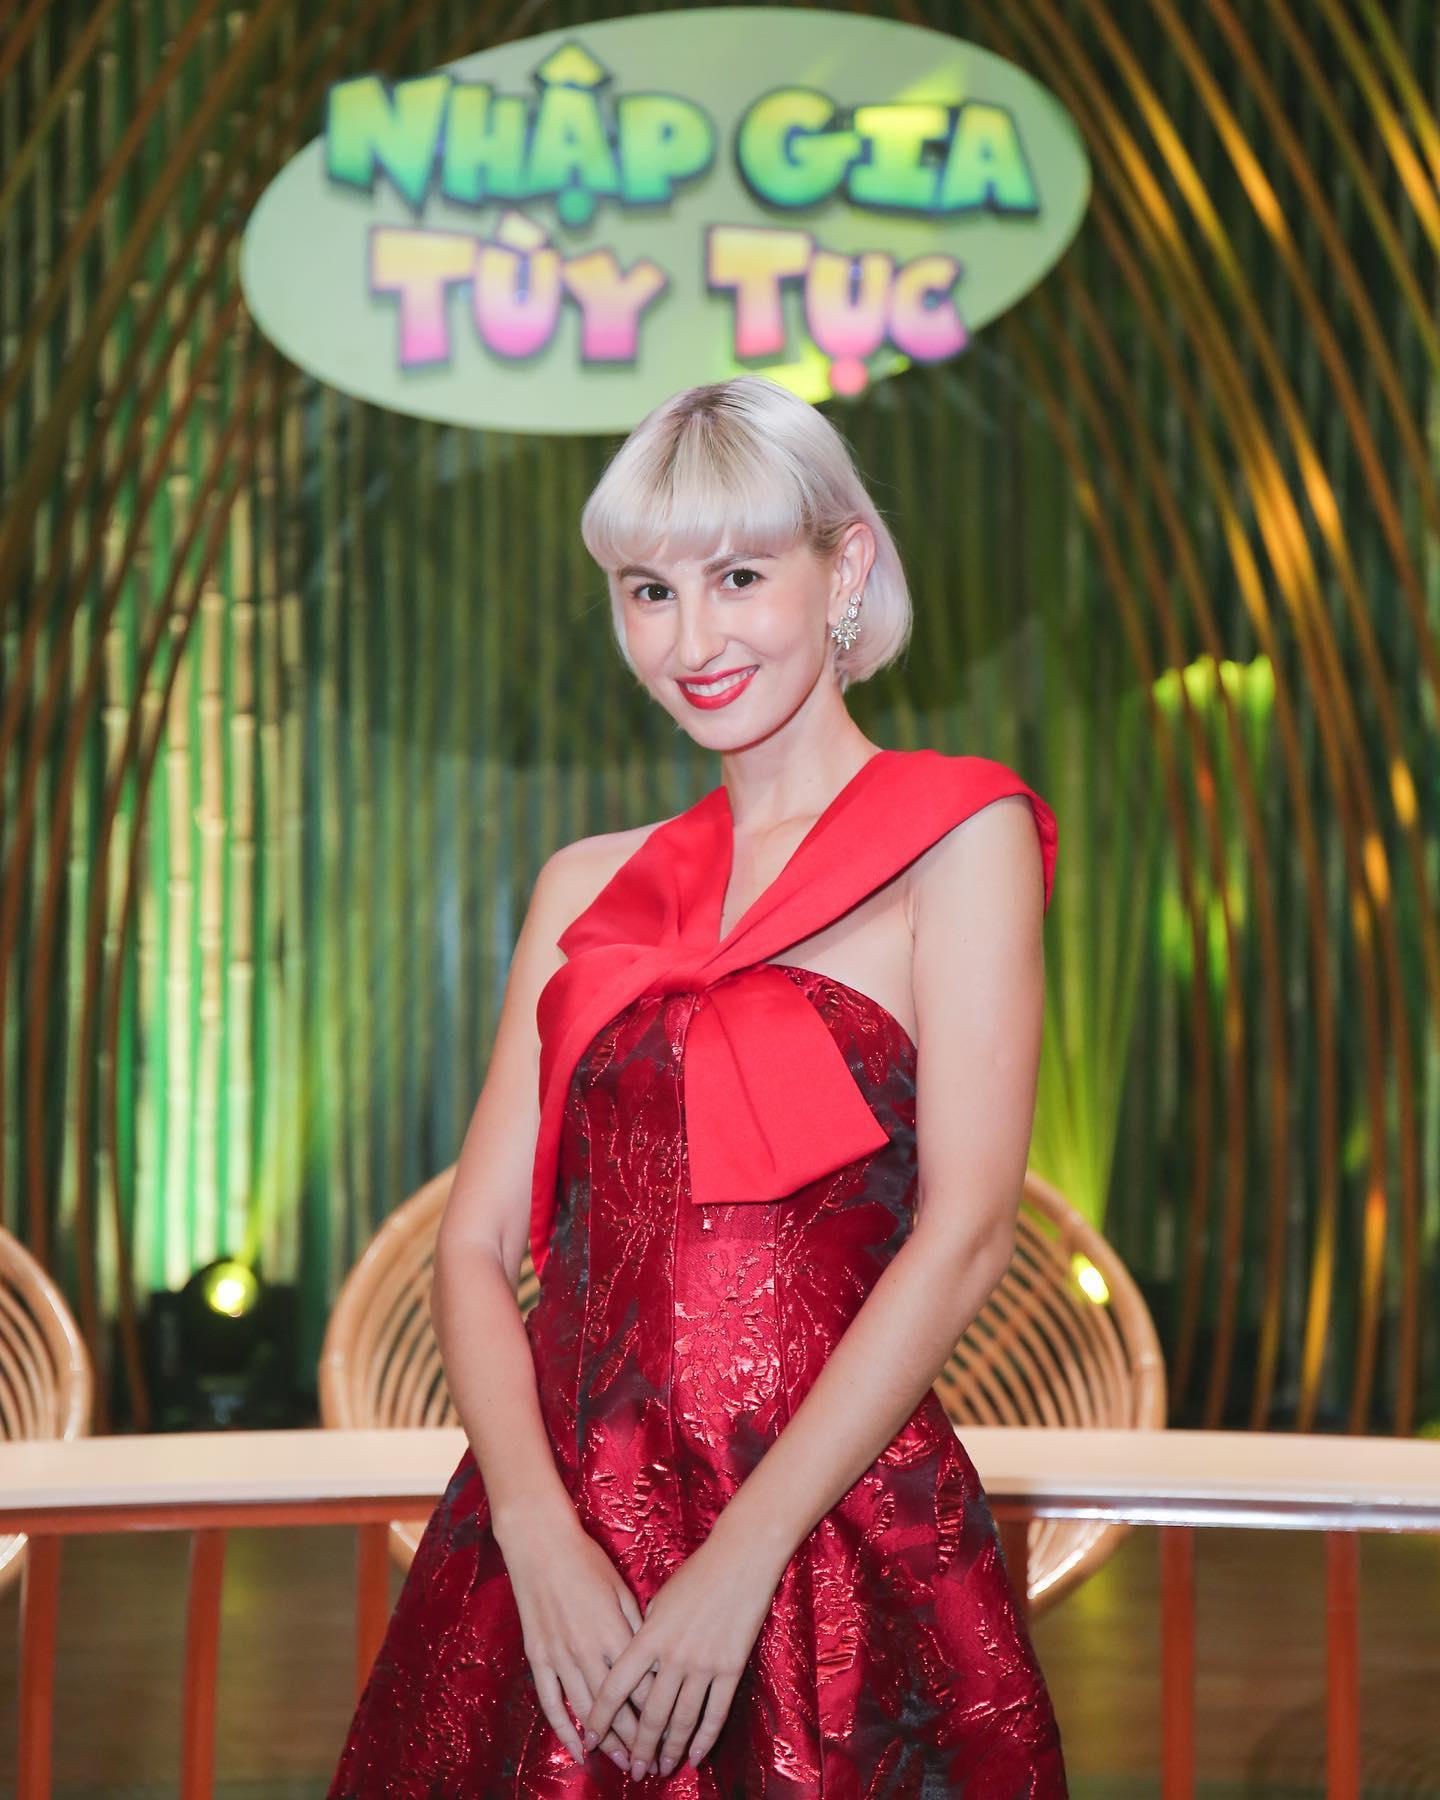 Nhan sắc nóng bỏng của nữ MC lai Pháp trên show truyền hình Việt Nam - 1